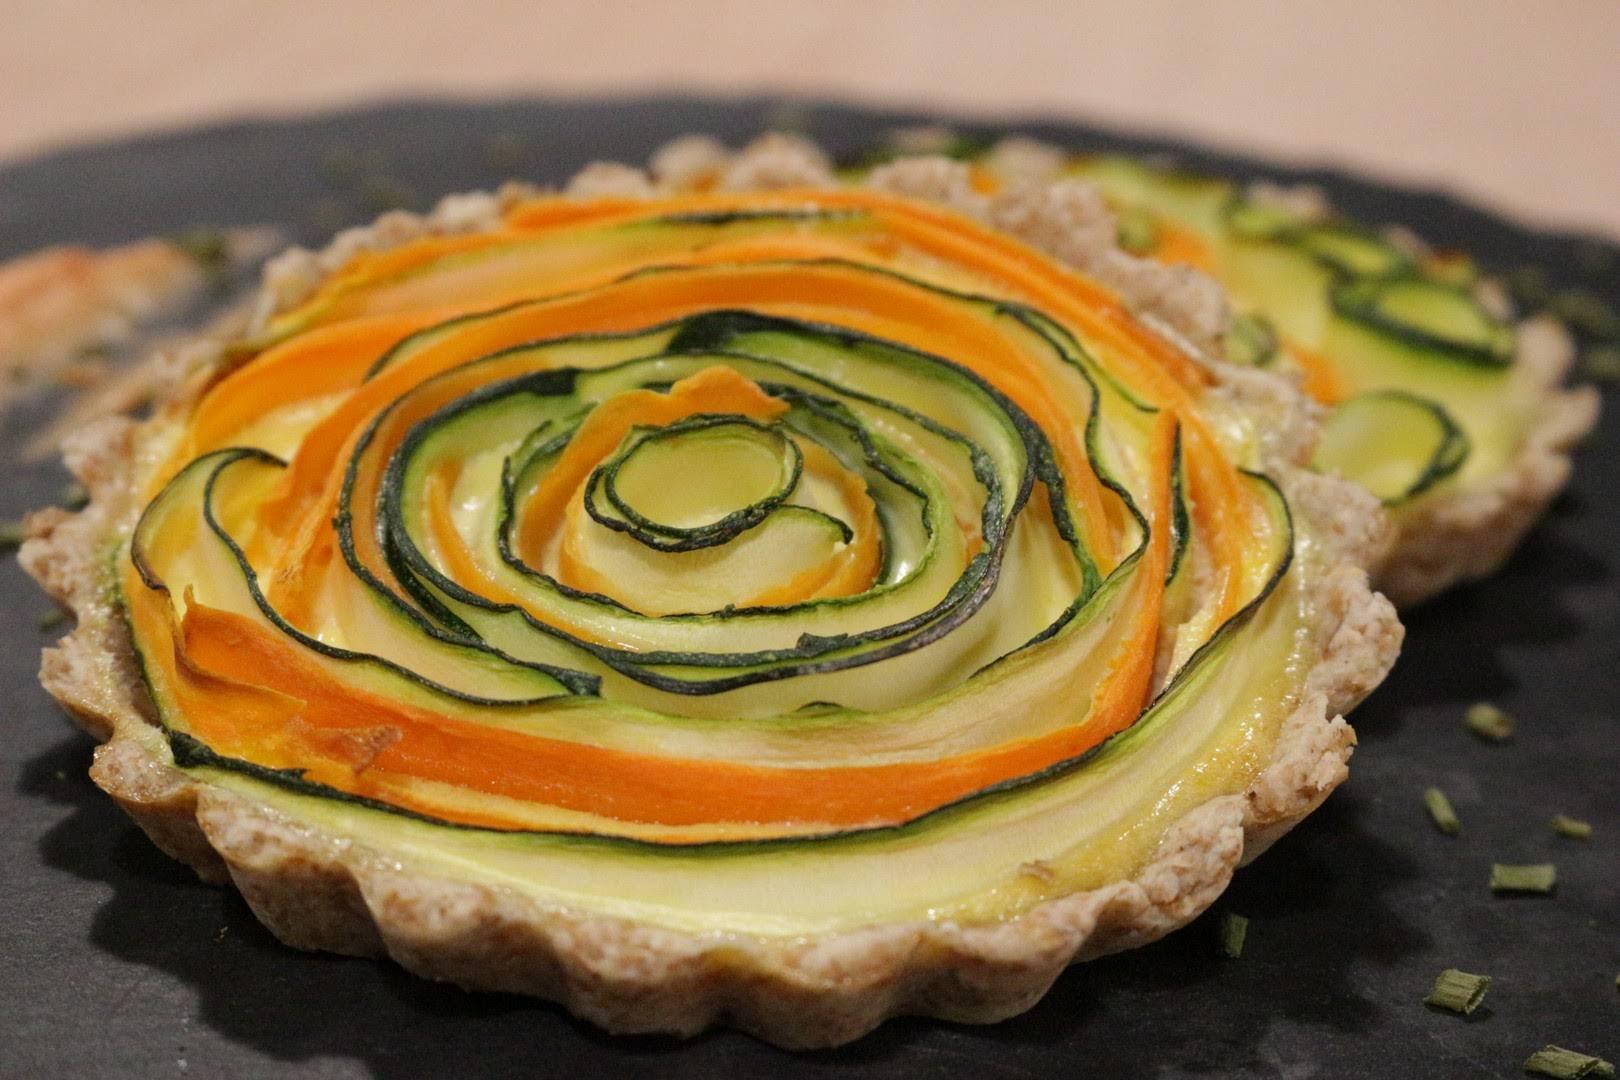 corso di cucina vegetariana a torino scuola di cucina la palestra del cibo menù vegetariano cucinare le verdure chef sergio maria teutonico chef daniela goffredo